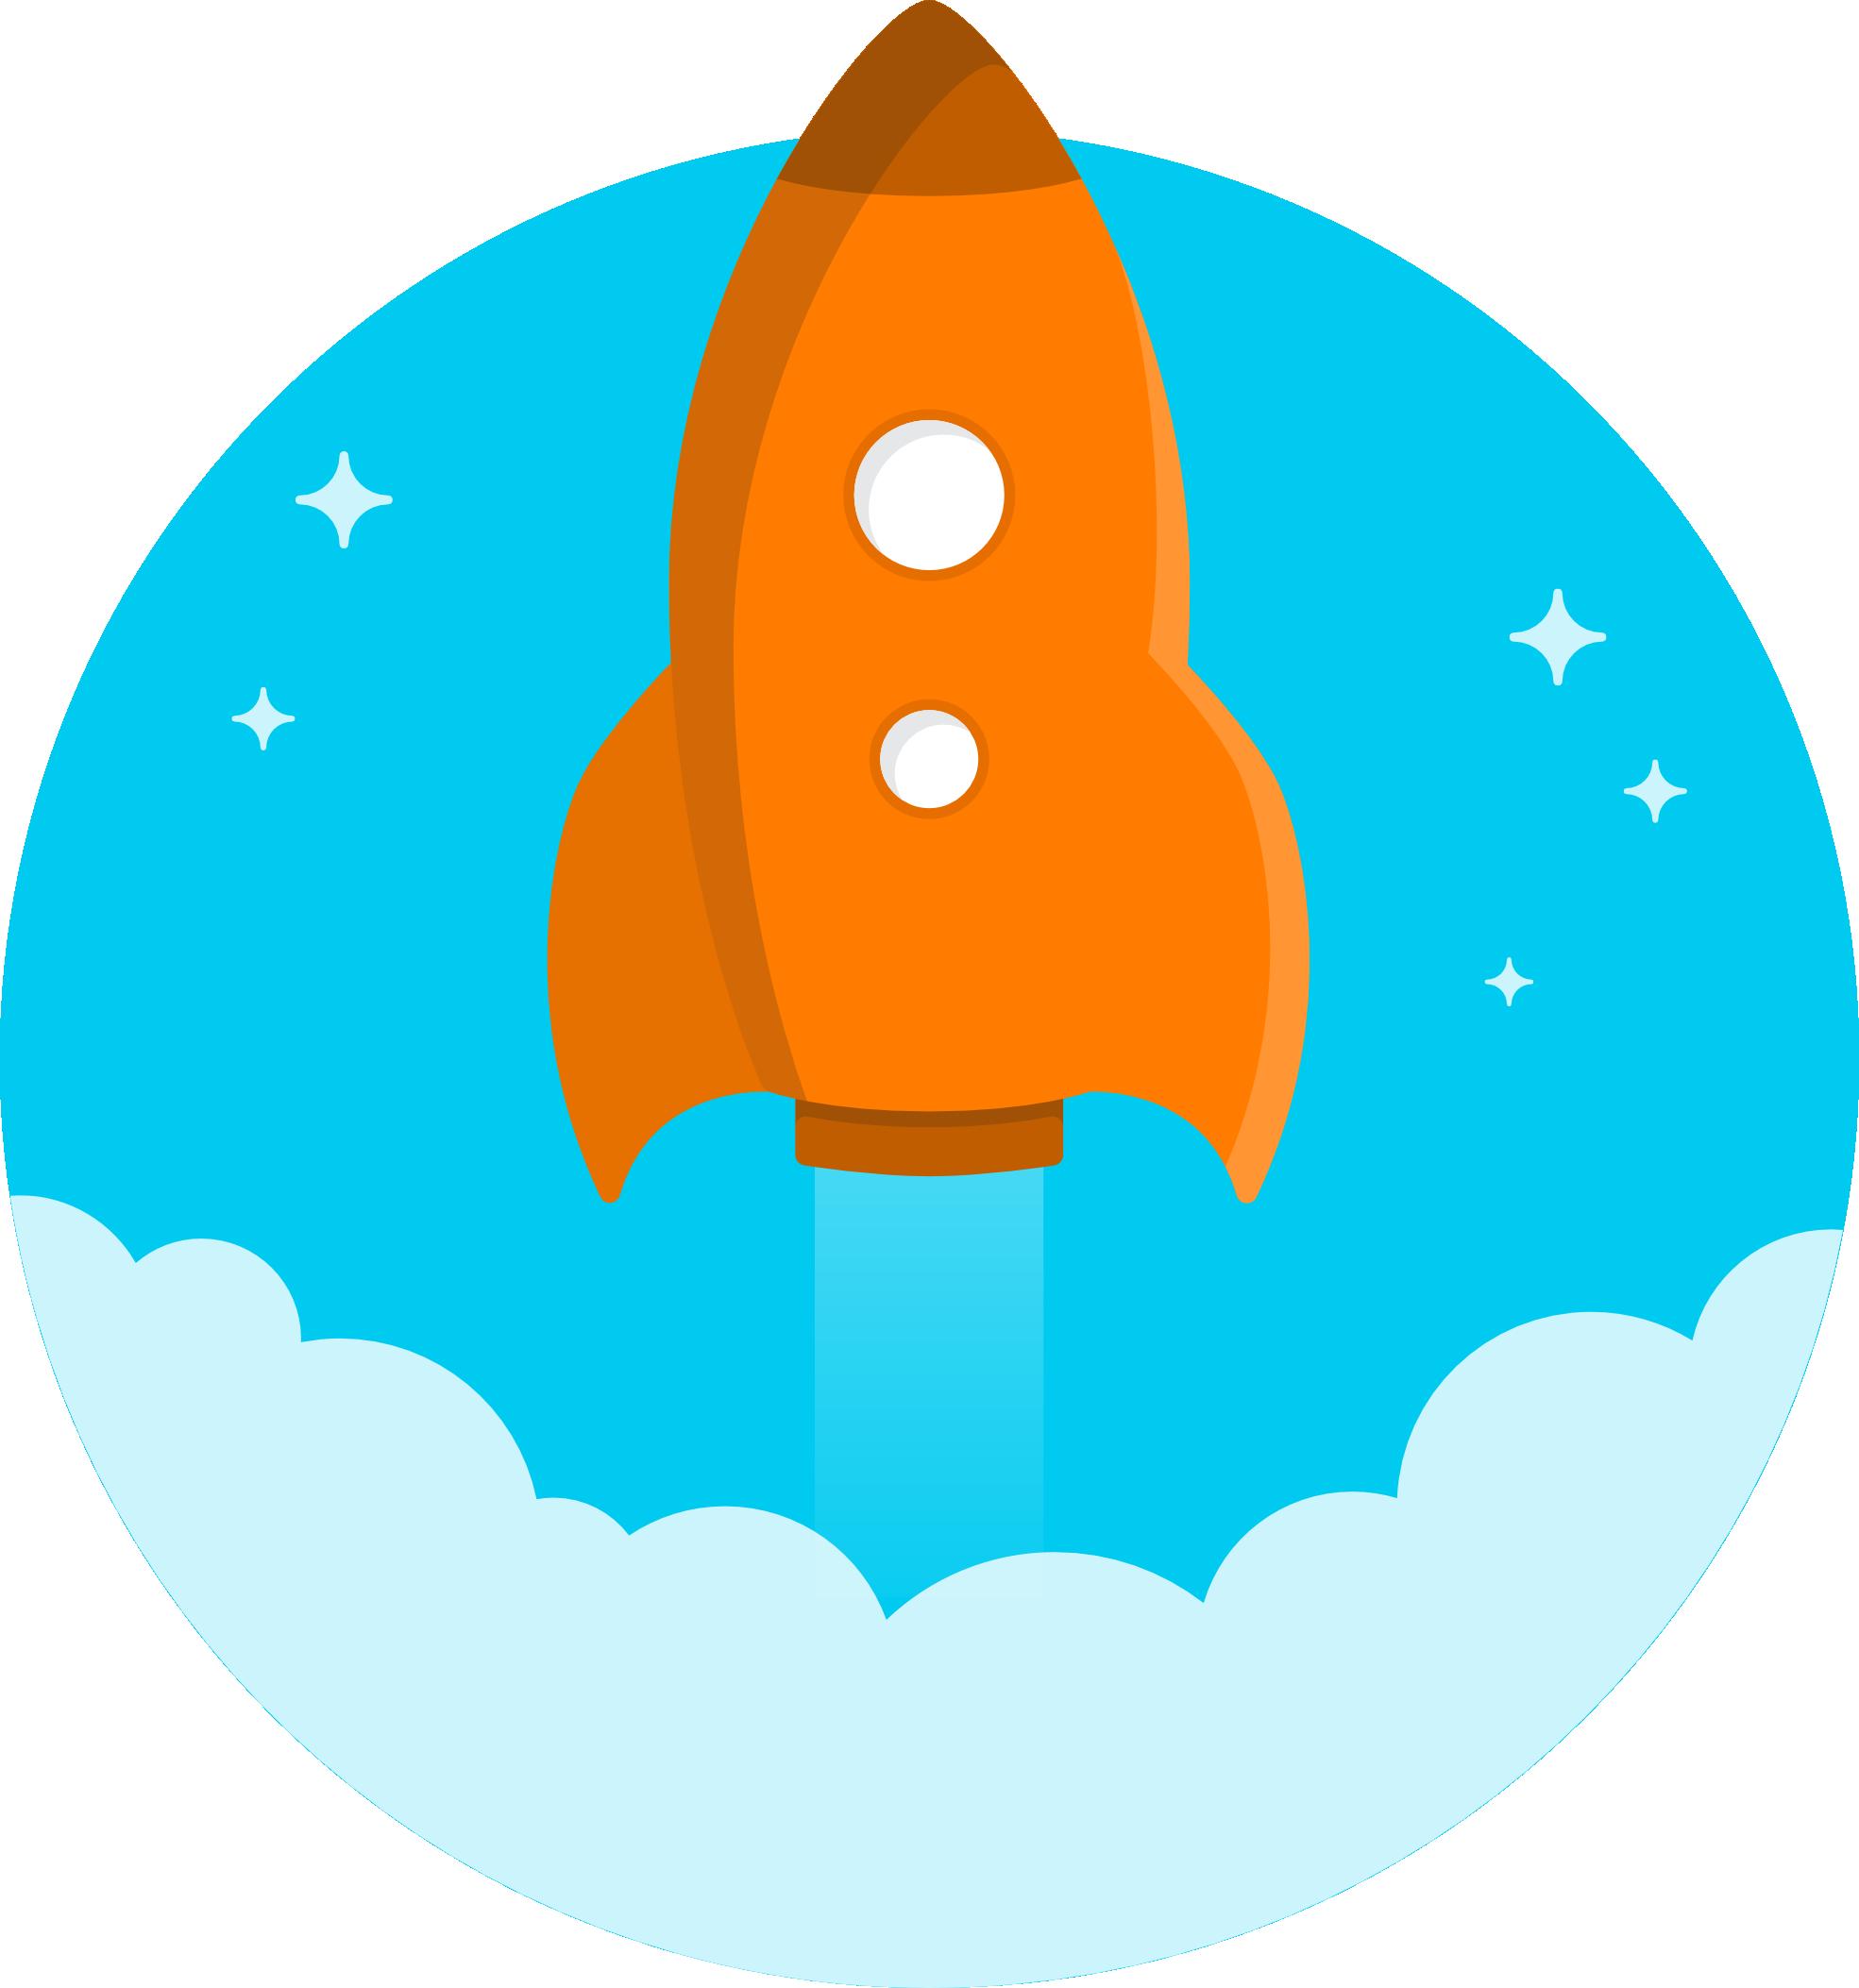 cool space rocket clip art page 2 pics about space rockets rh pinterest com rocket clip art free rockettes clip art